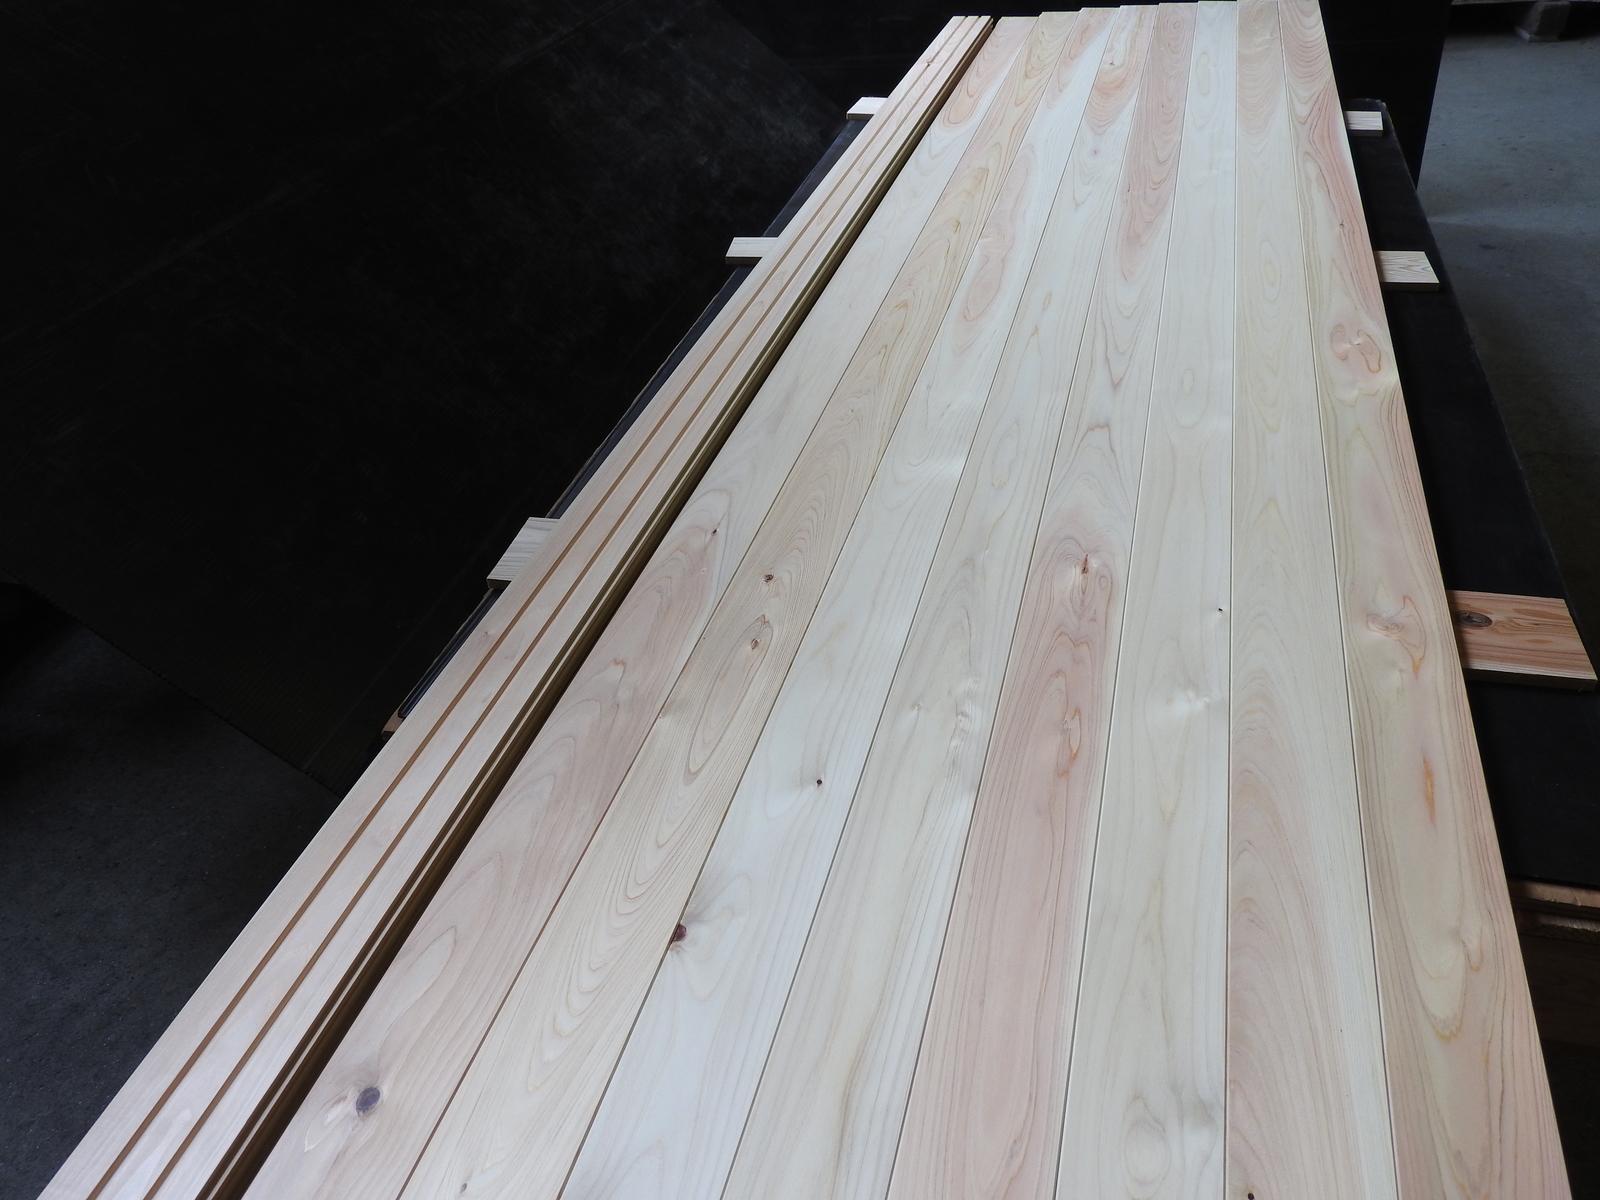 国産檜フローリング板 桧板 無垢 フローリング材 上小節 国産幅86.5×厚み15×長さ2900mm 10枚入り 床板